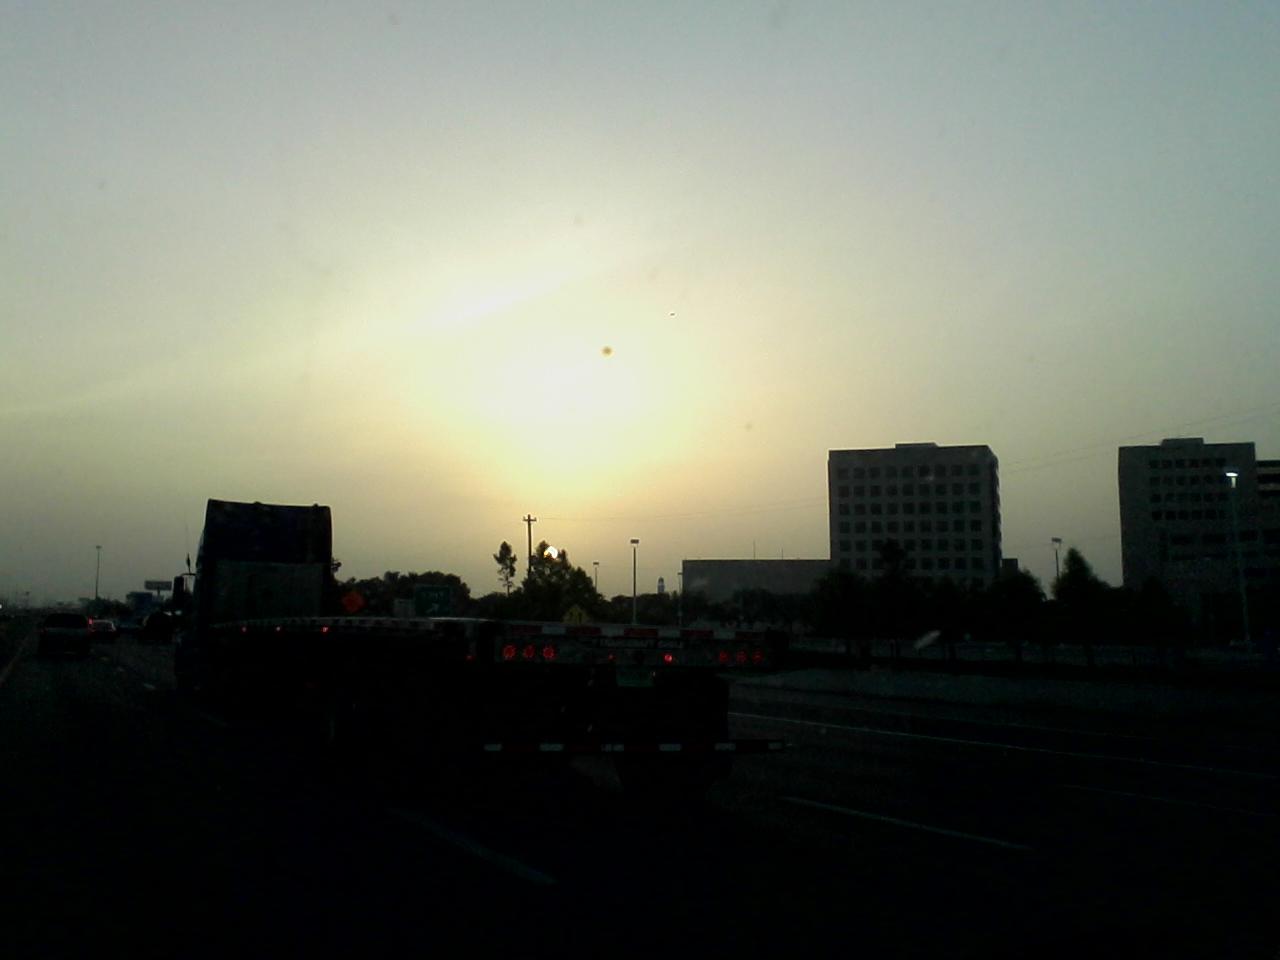 Sky - 0706064519.jpg